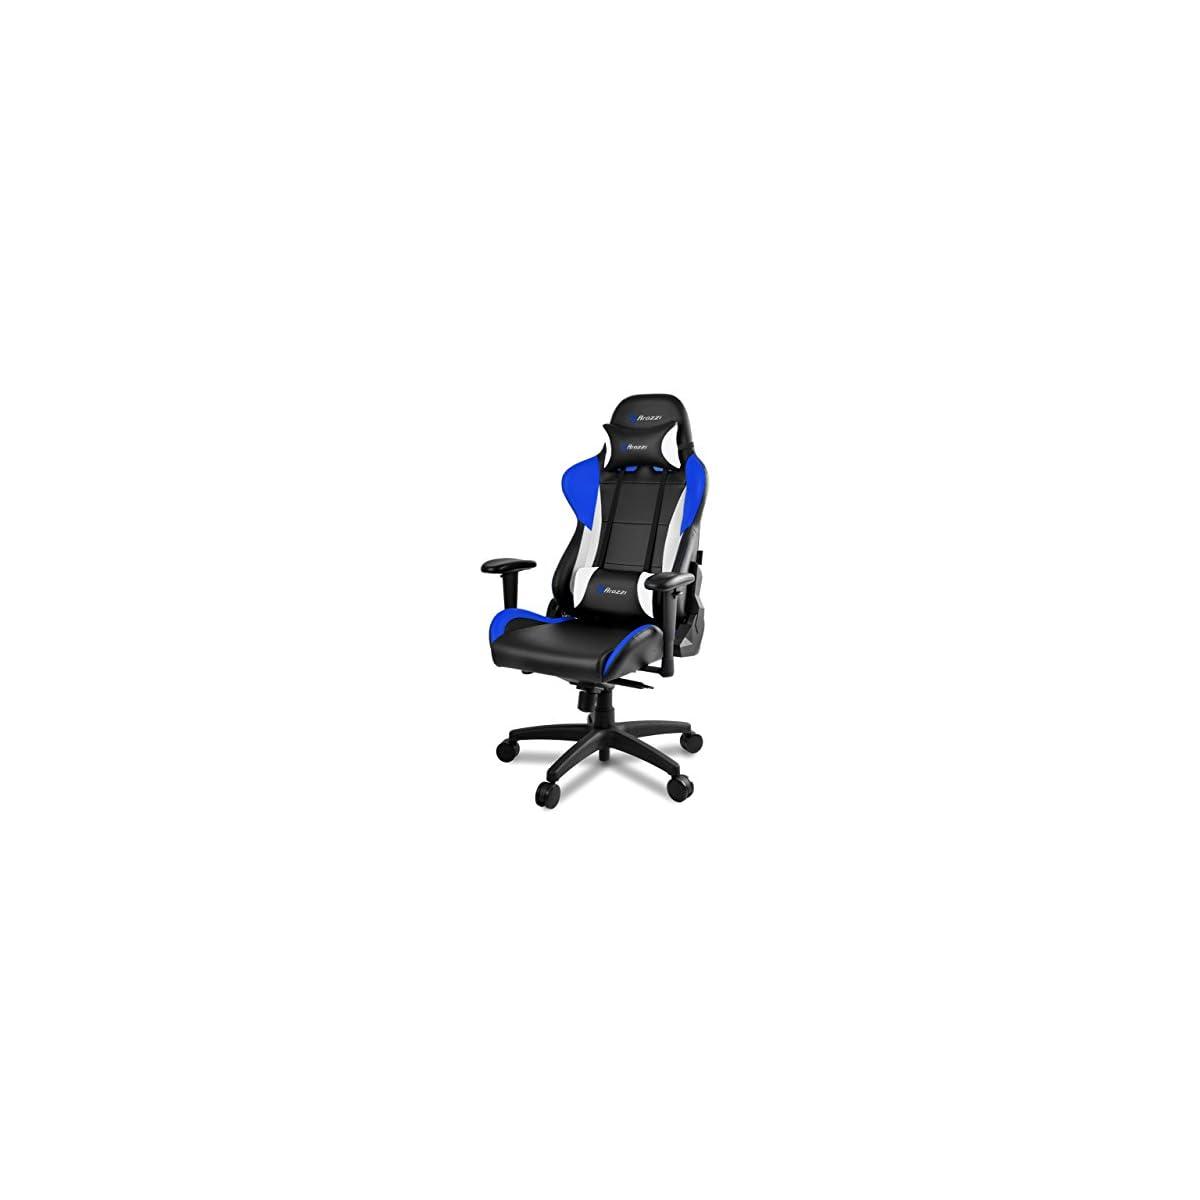 41qQr017x7L. SS1200  - Arozzi Gaming Silla Verona Pro V2